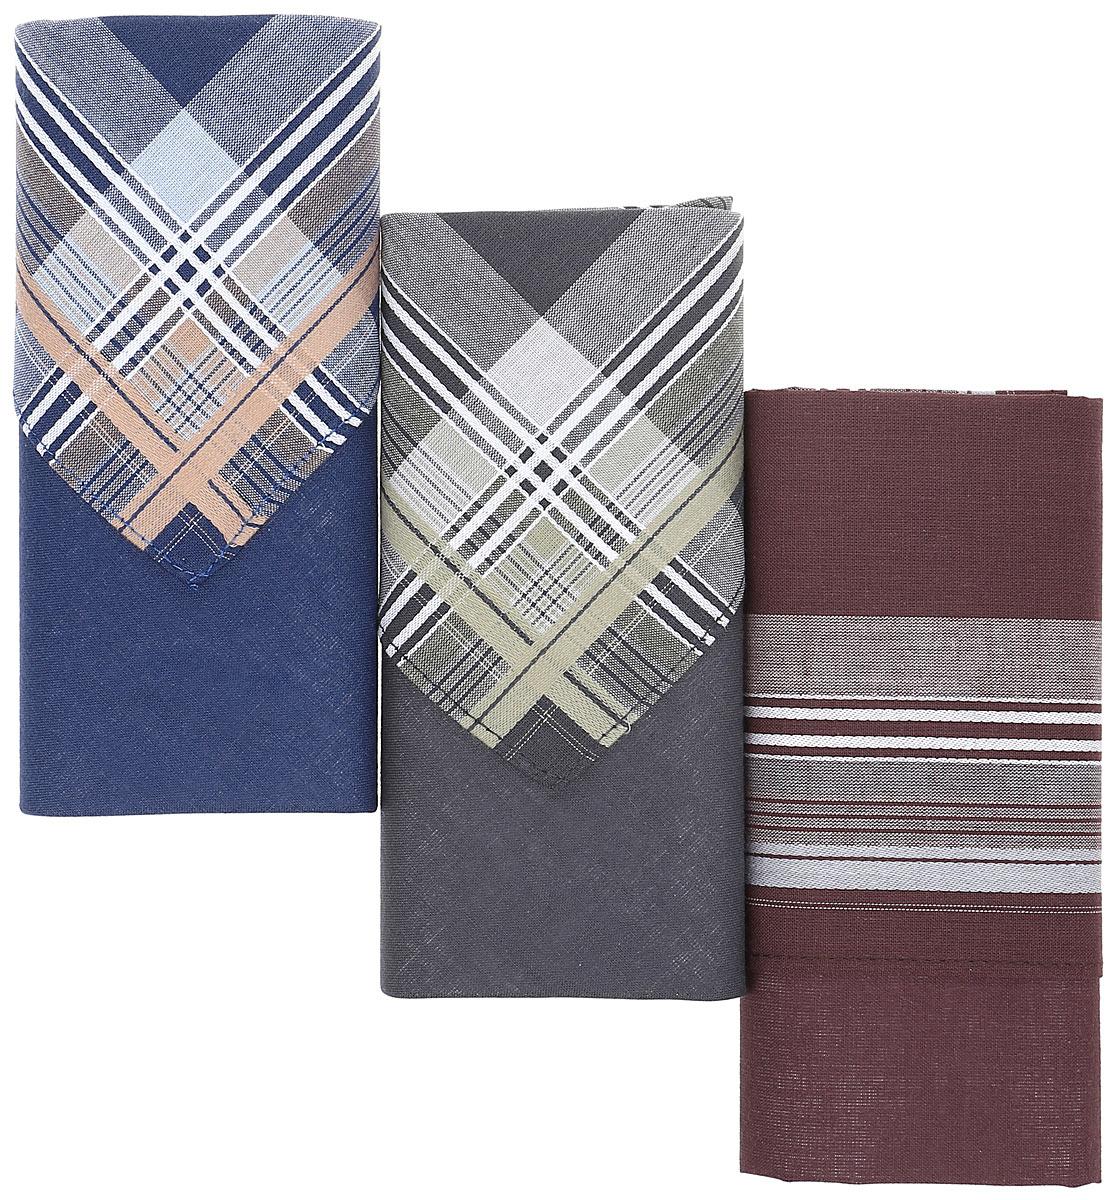 Платок носовой мужской Zlata Korunka, цвет: мультиколор, 3 шт. М54А. Размер 39 х 39 смМ54АНосовые платки изготовлены из натурального хлопка, приятны в использовании, хорошо стираются, материал не садится и отлично впитывает влагу. В упаковке 3 штуки.